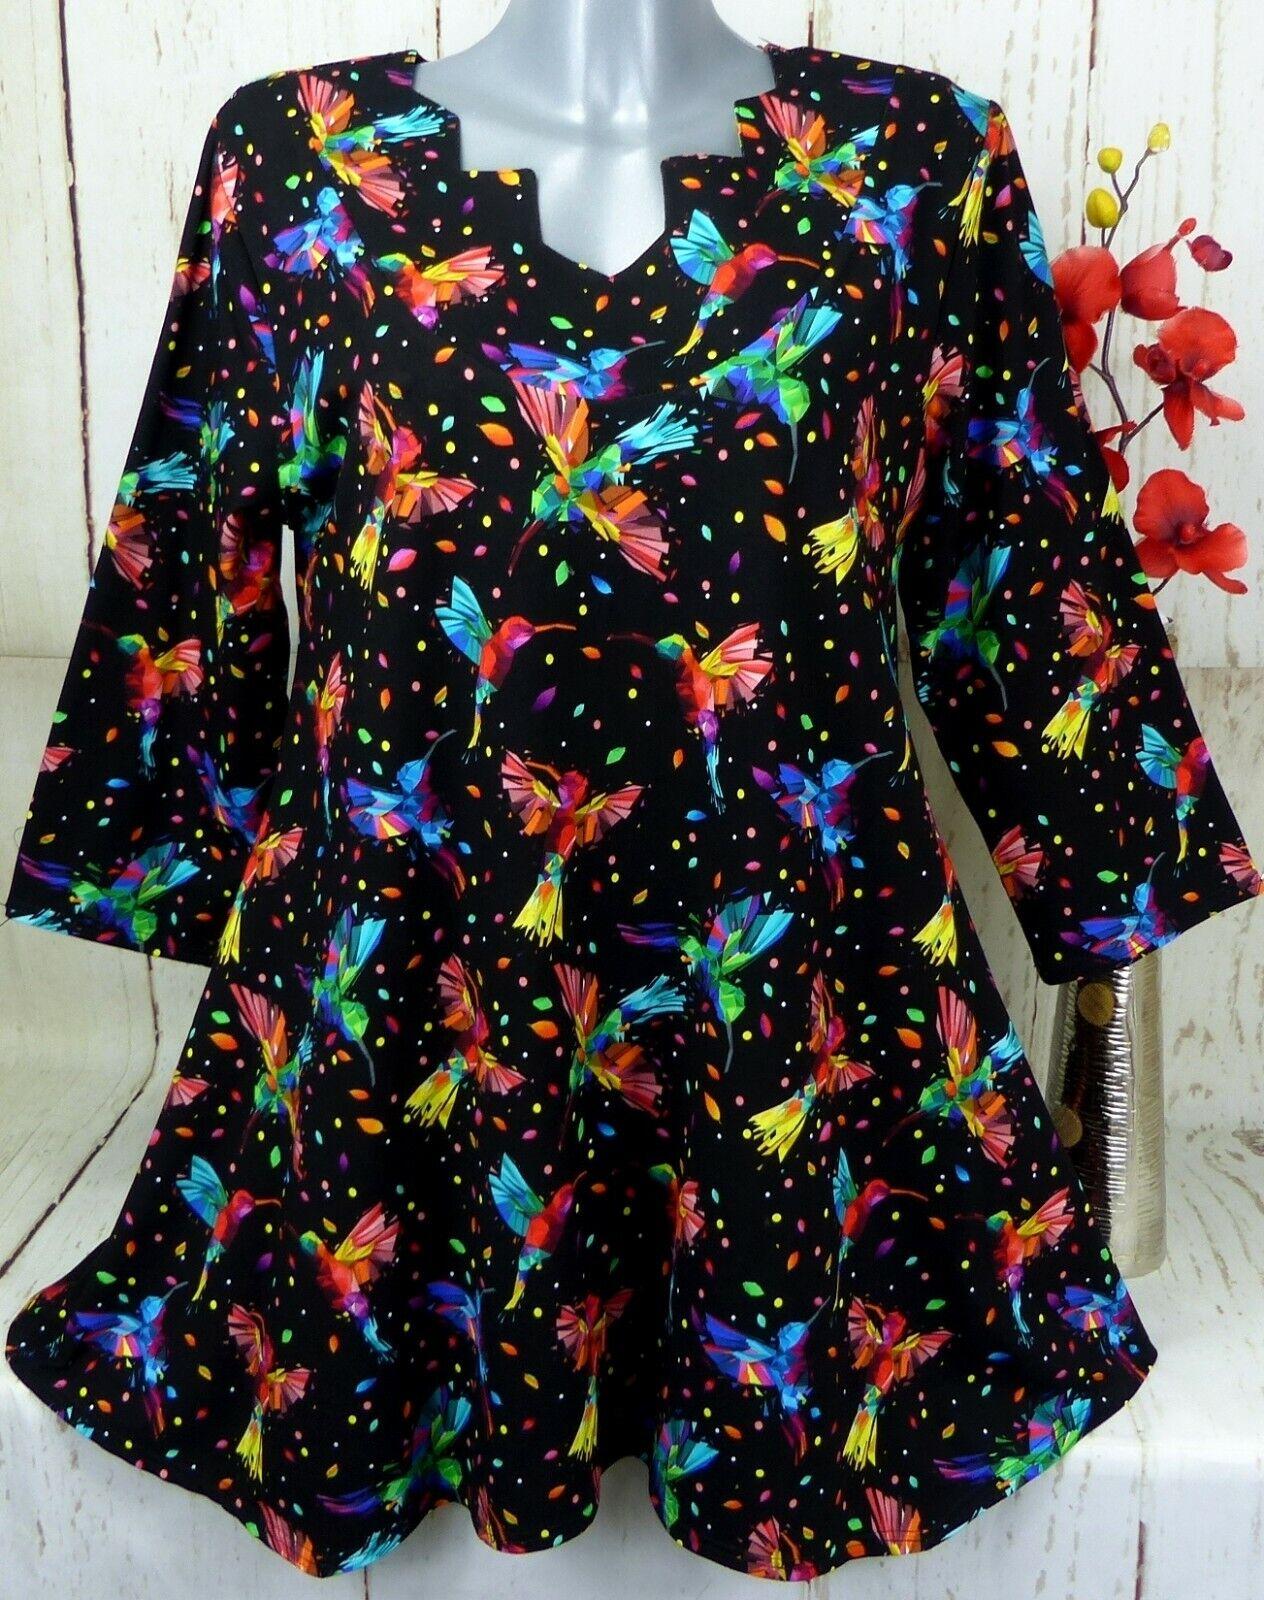 New Jersey Tunika Bluse Kleid Top Shirt Lagenlook A-Linie Schwarz Bunt XXL 46 48